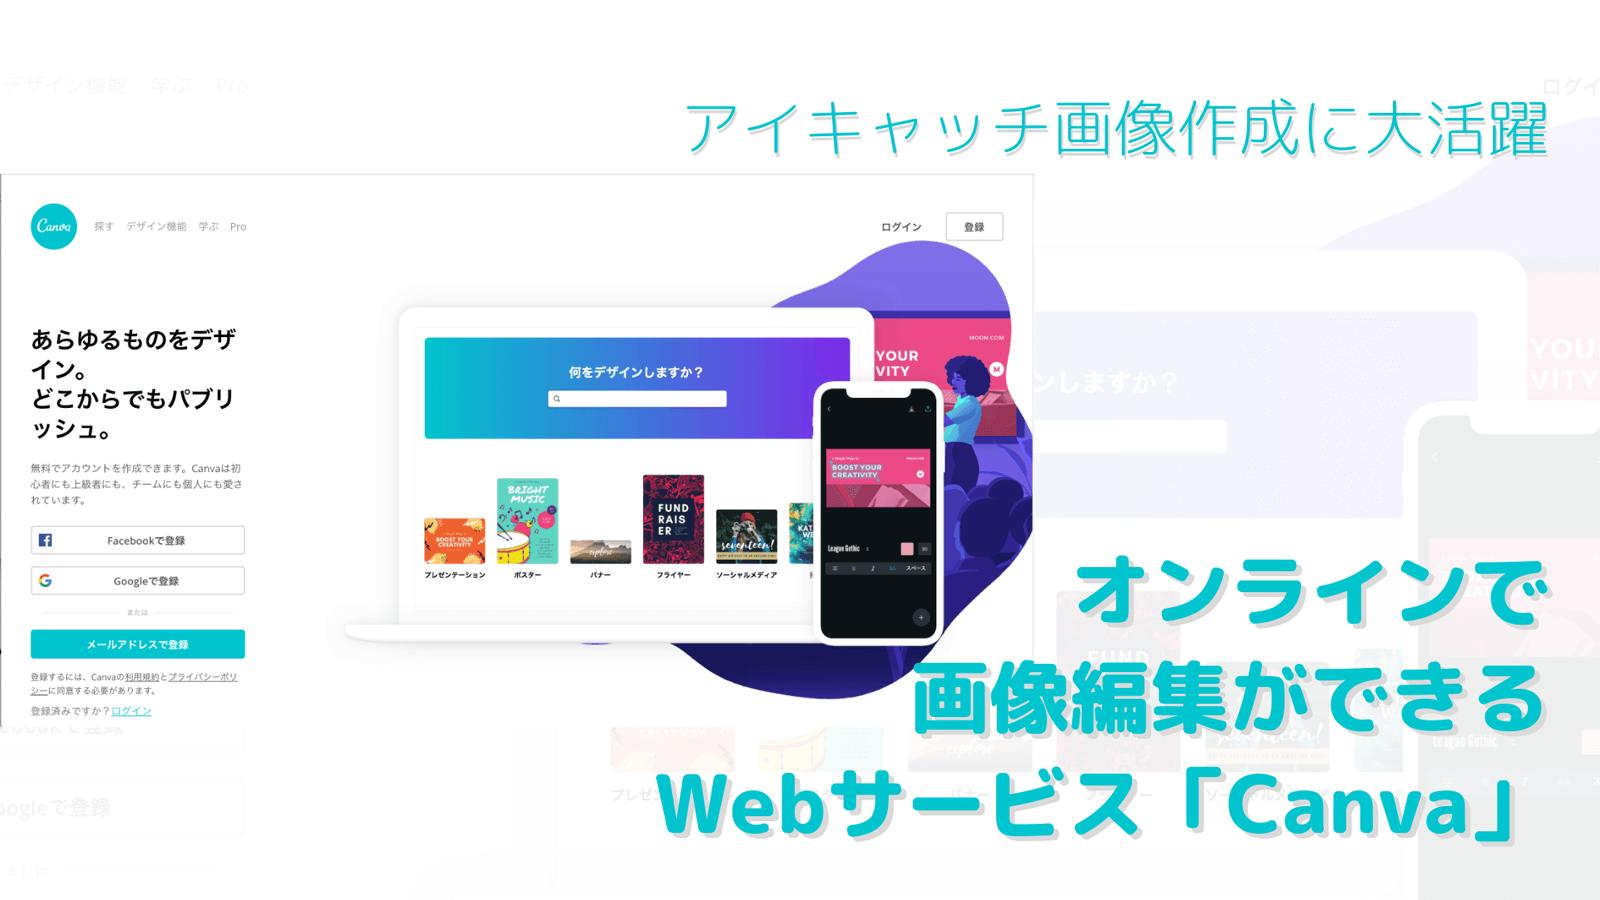 ブログのアイキャッチやロゴ画像作成に活躍!無料で使える画像編集Webサービス「Canva」